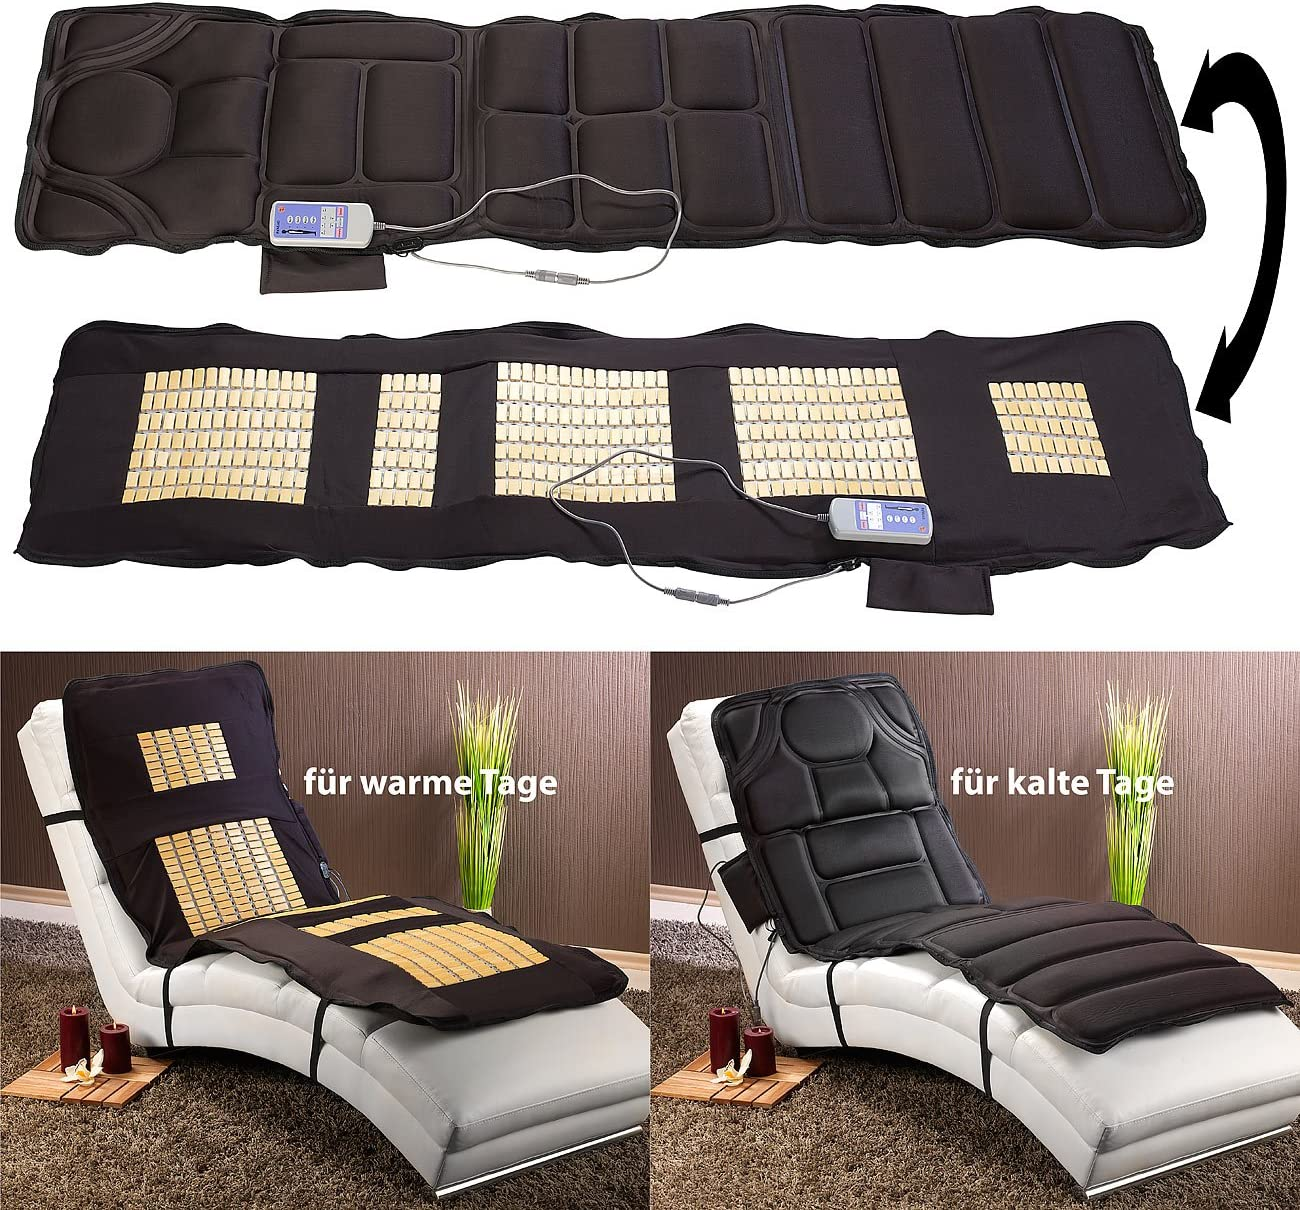 Elektronische Massageauflage für Betten, Couch und Sessel